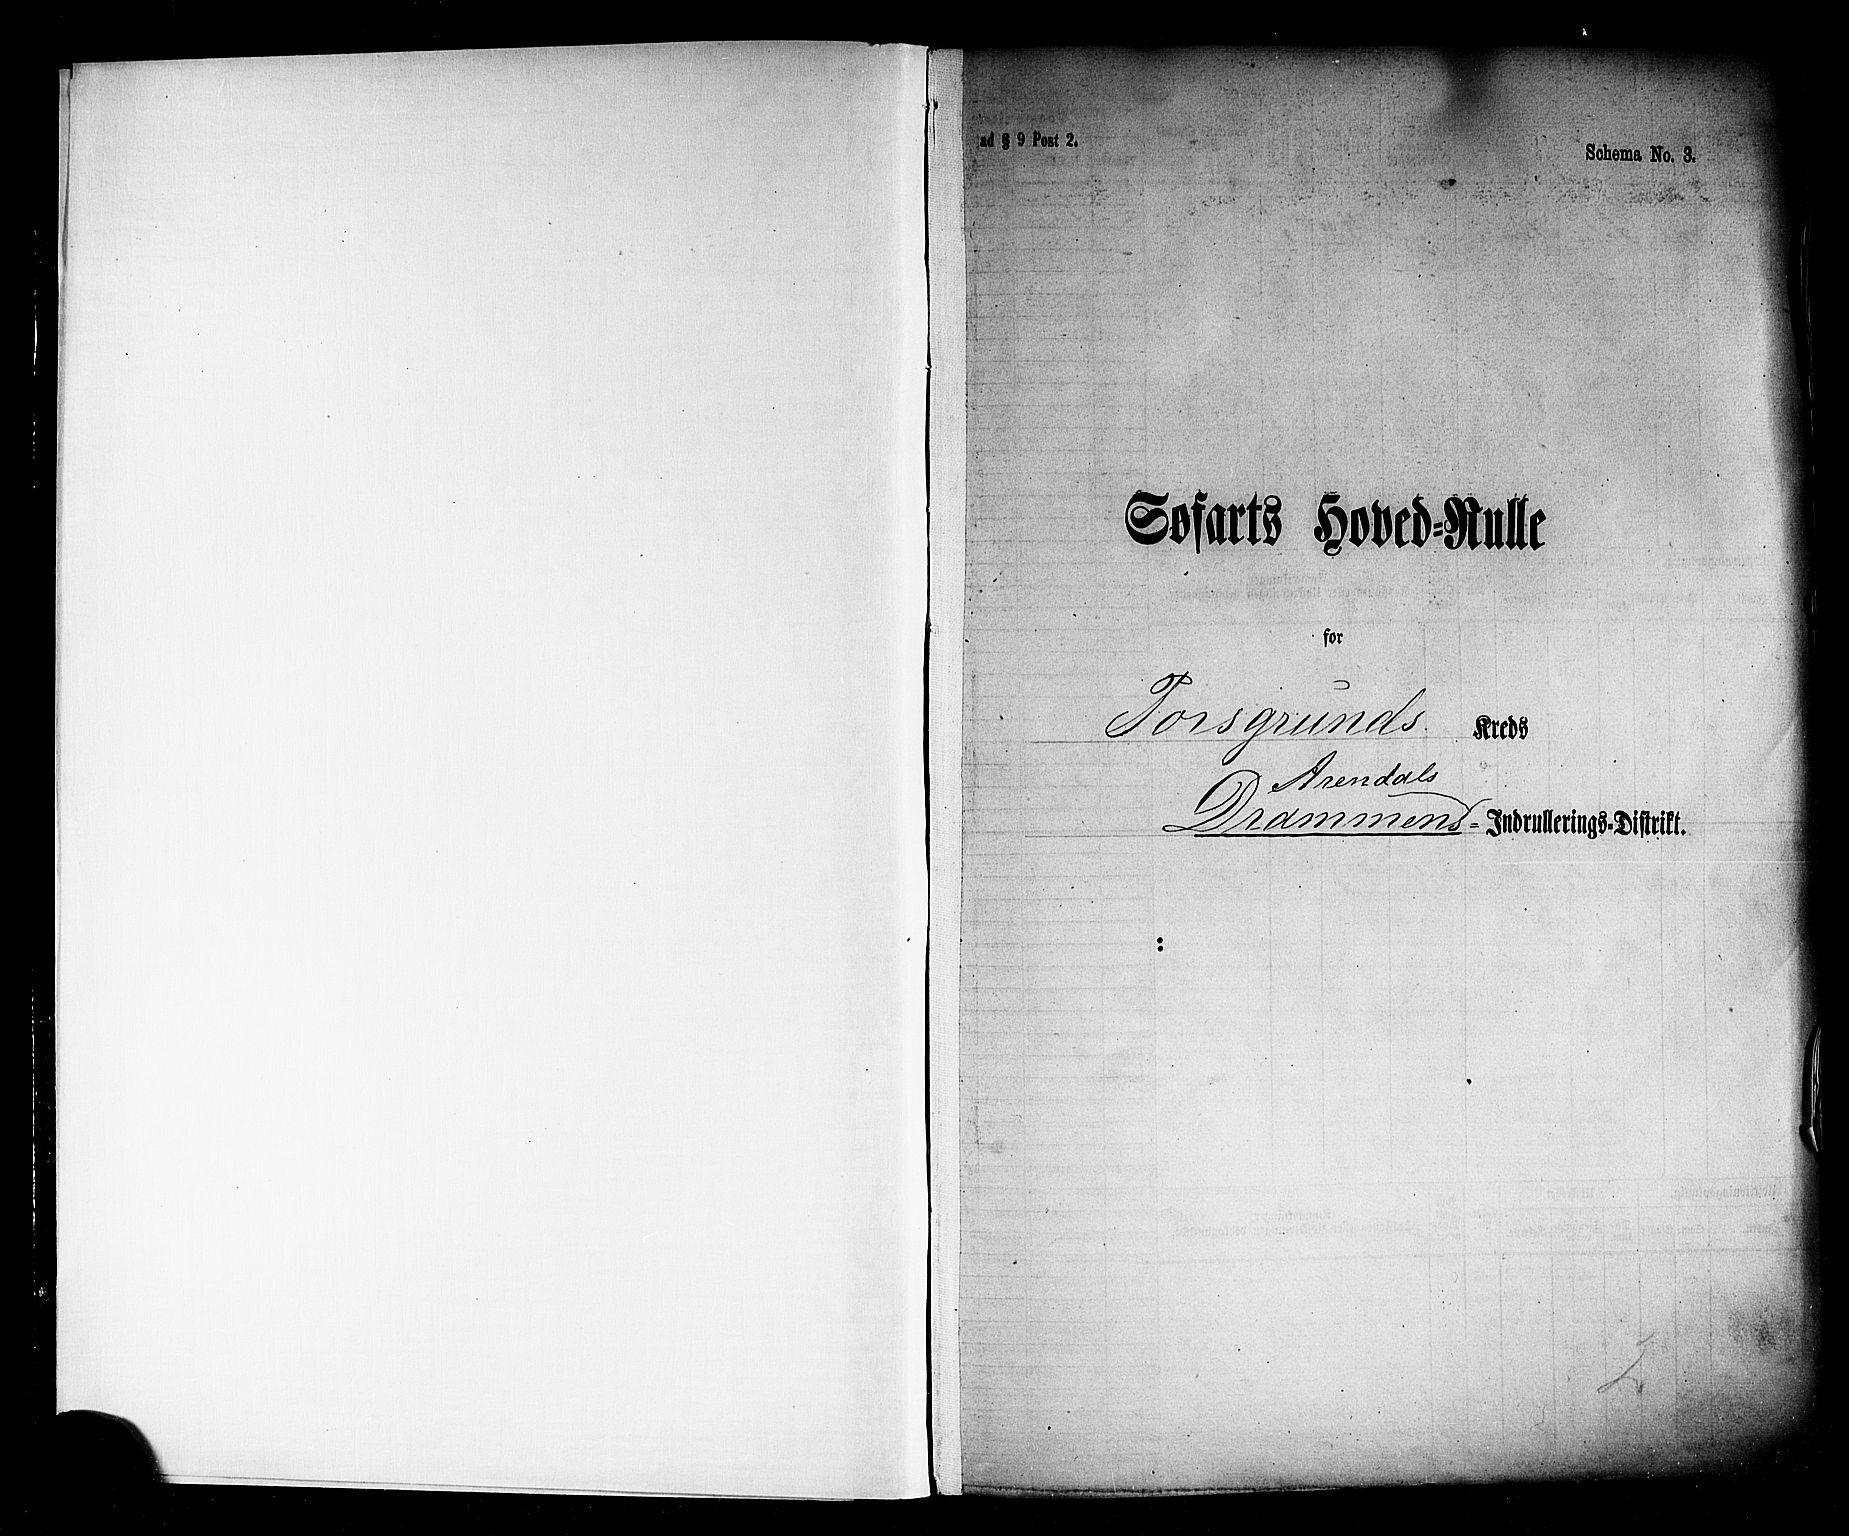 SAKO, Porsgrunn innrulleringskontor, F/Fc/L0002: Hovedrulle, 1868-1874, s. 3